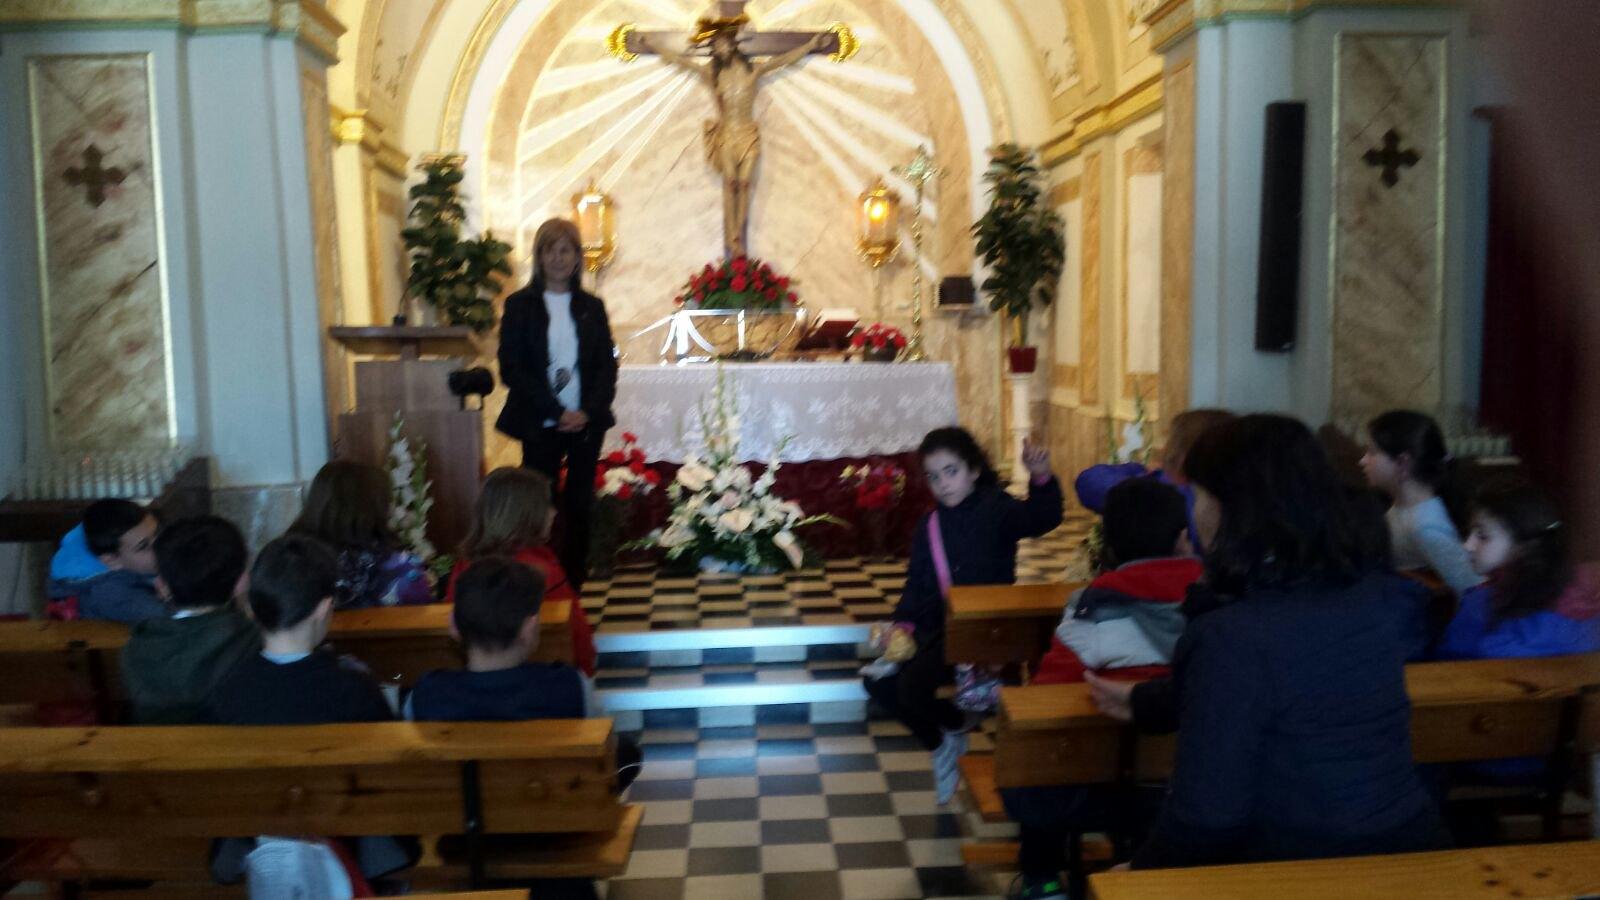 (2018-03-16) - Visita ermita alumnos Laura,3ºB, profesora religión Reina Sofia - Marzo -  María Isabel Berenguer Brotons (10)